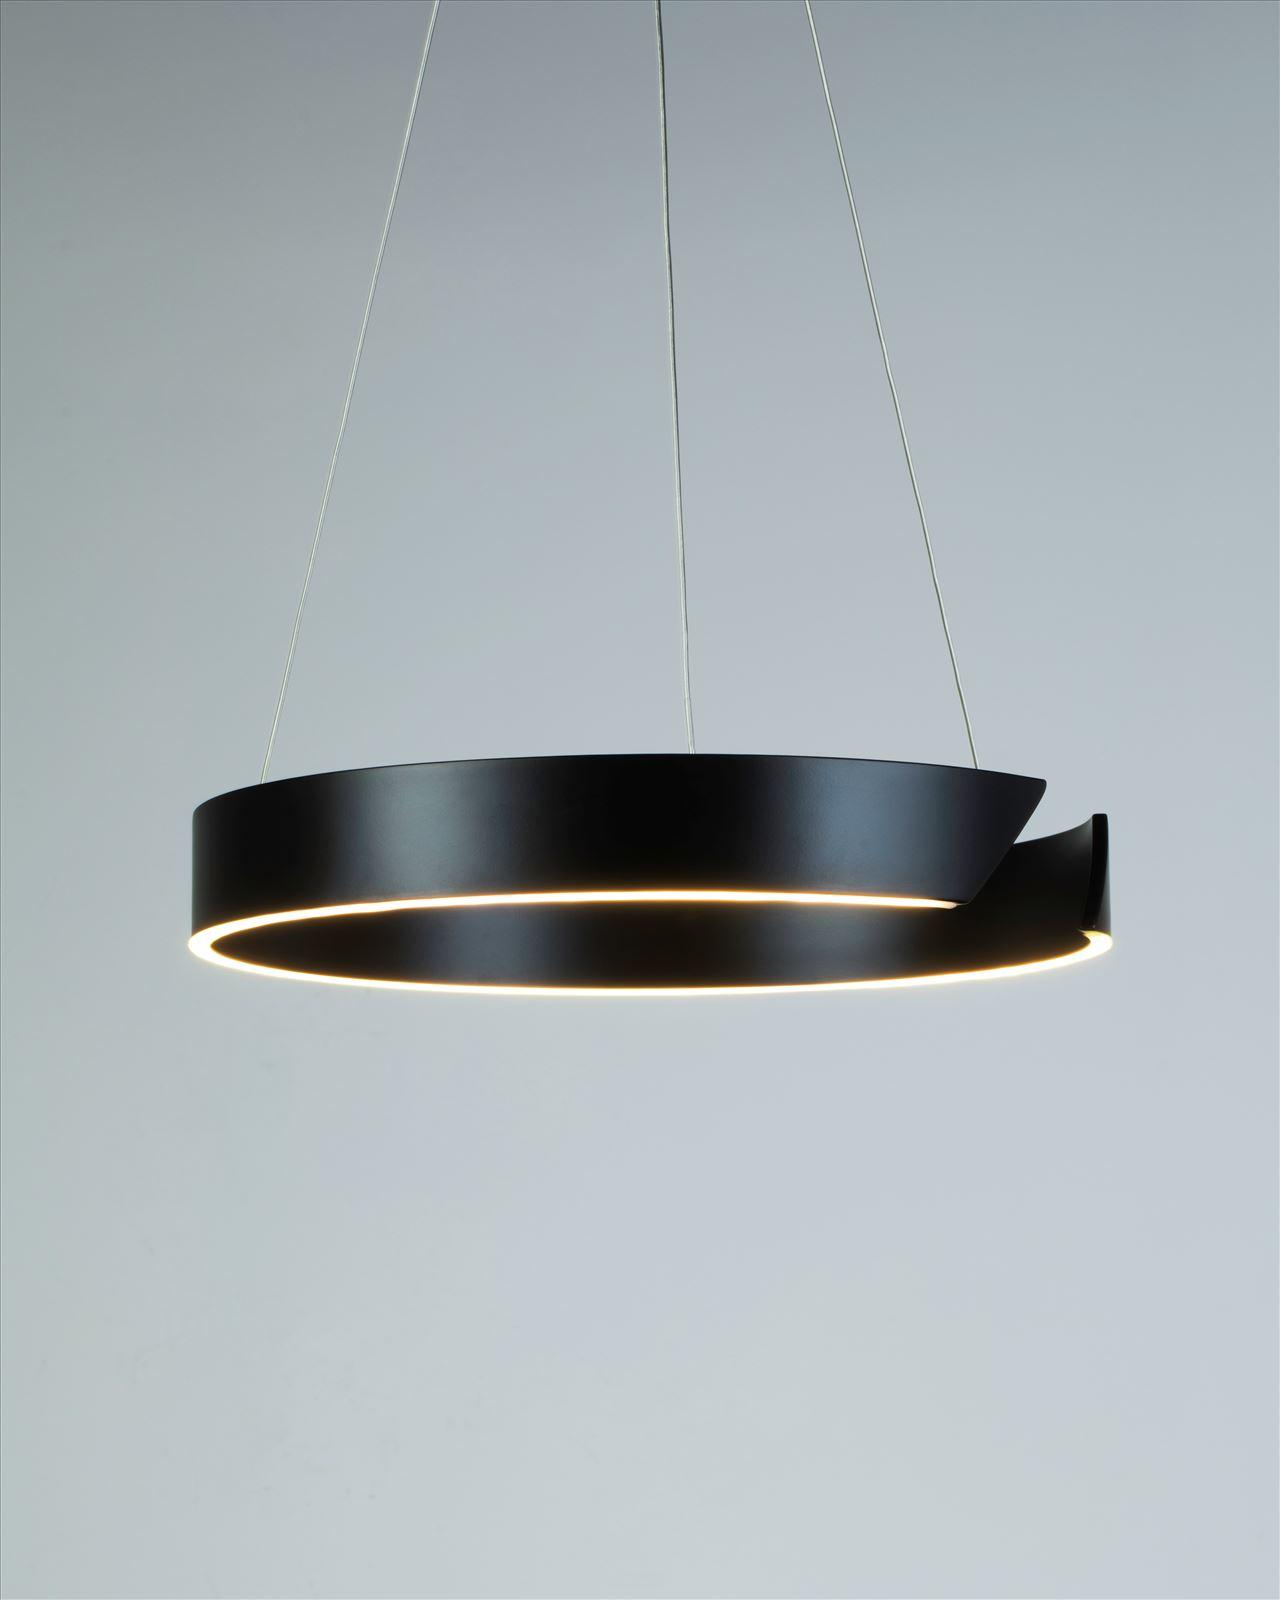 גופי תאורה בקטגוריית: מנורות תלויות ,שם המוצר: C-LIGHT